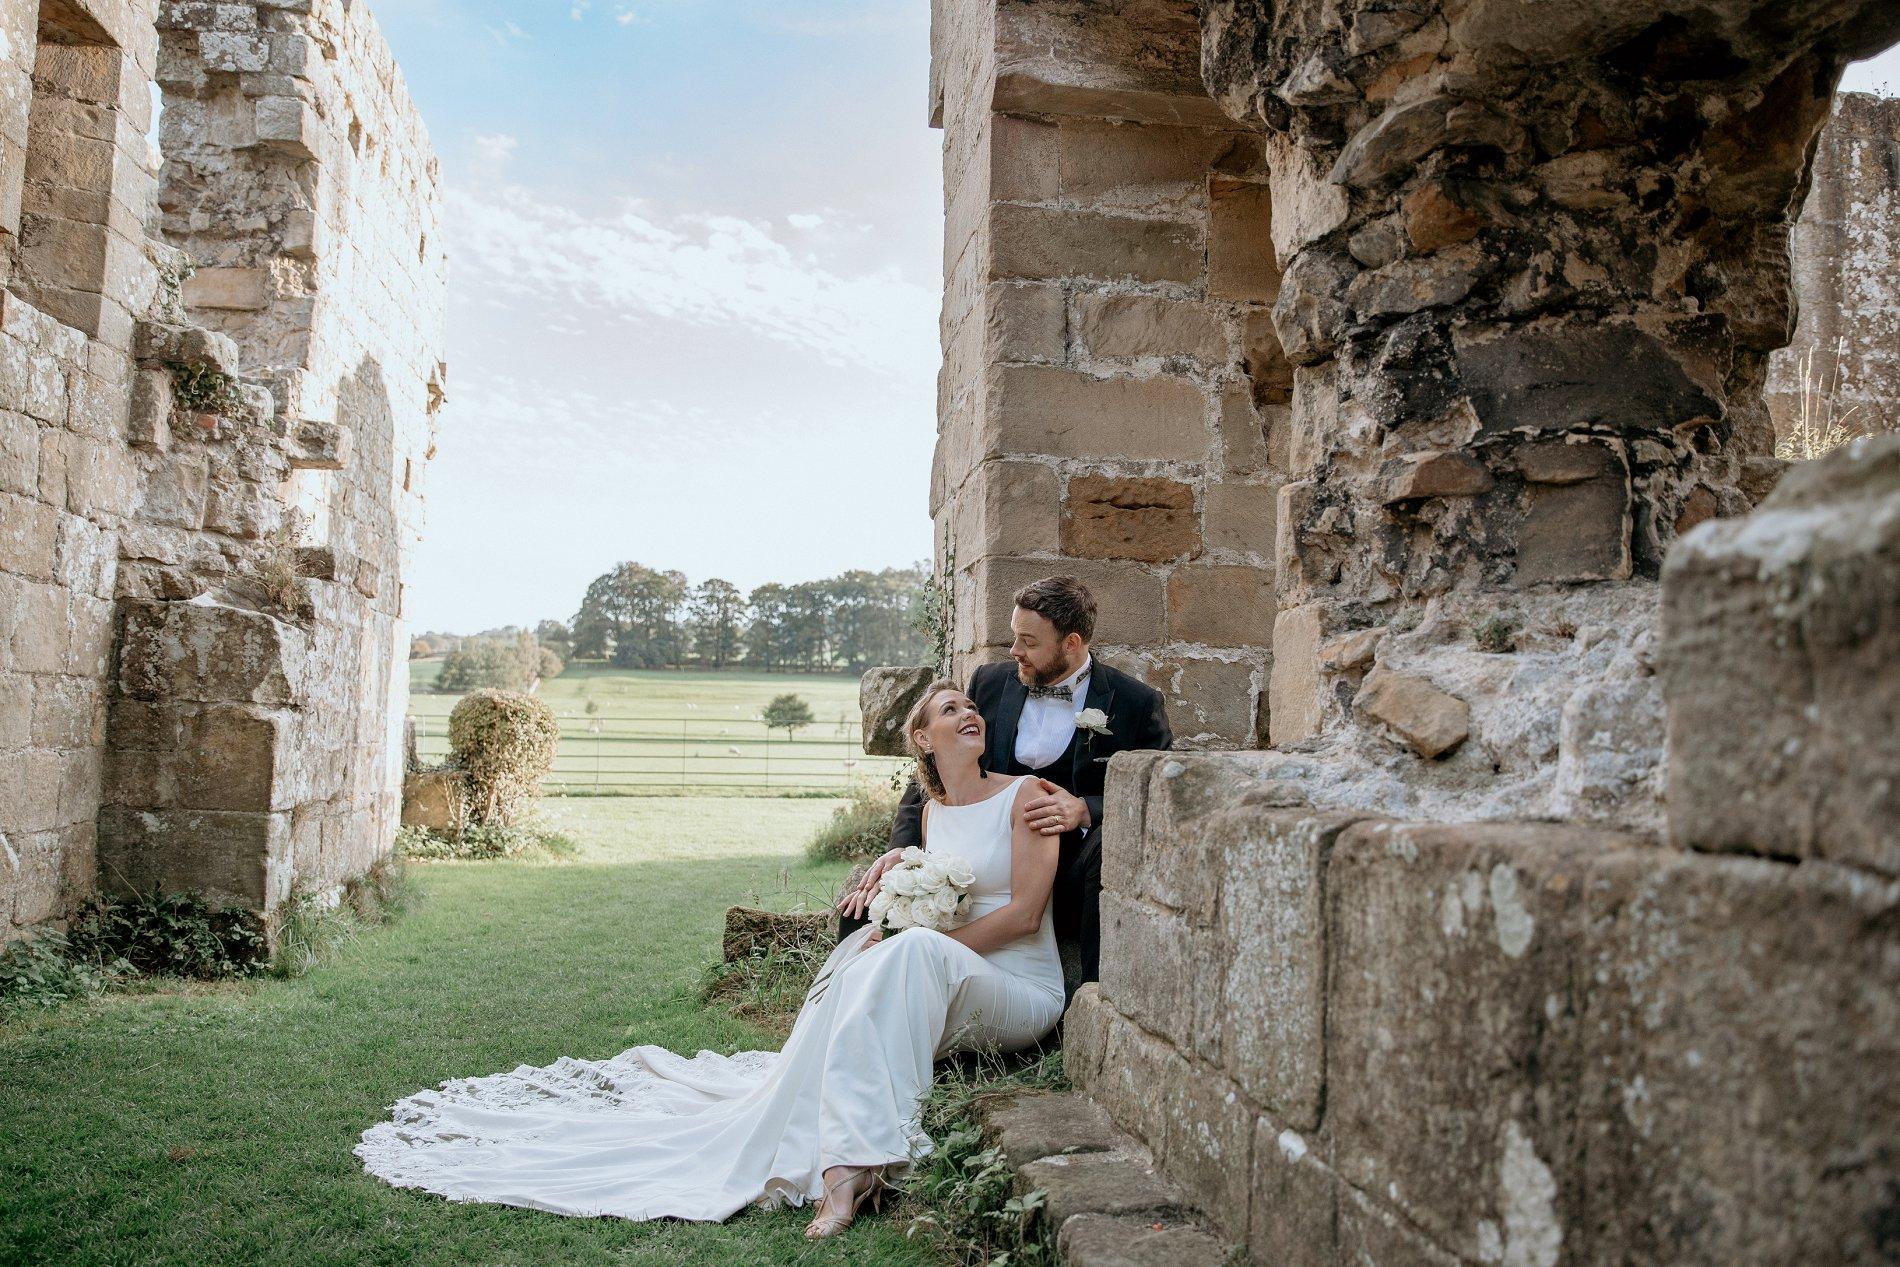 An Elegant Wedding Shoot at Jervaulx Abbey (c) Natalie Hamilton Photography (60)